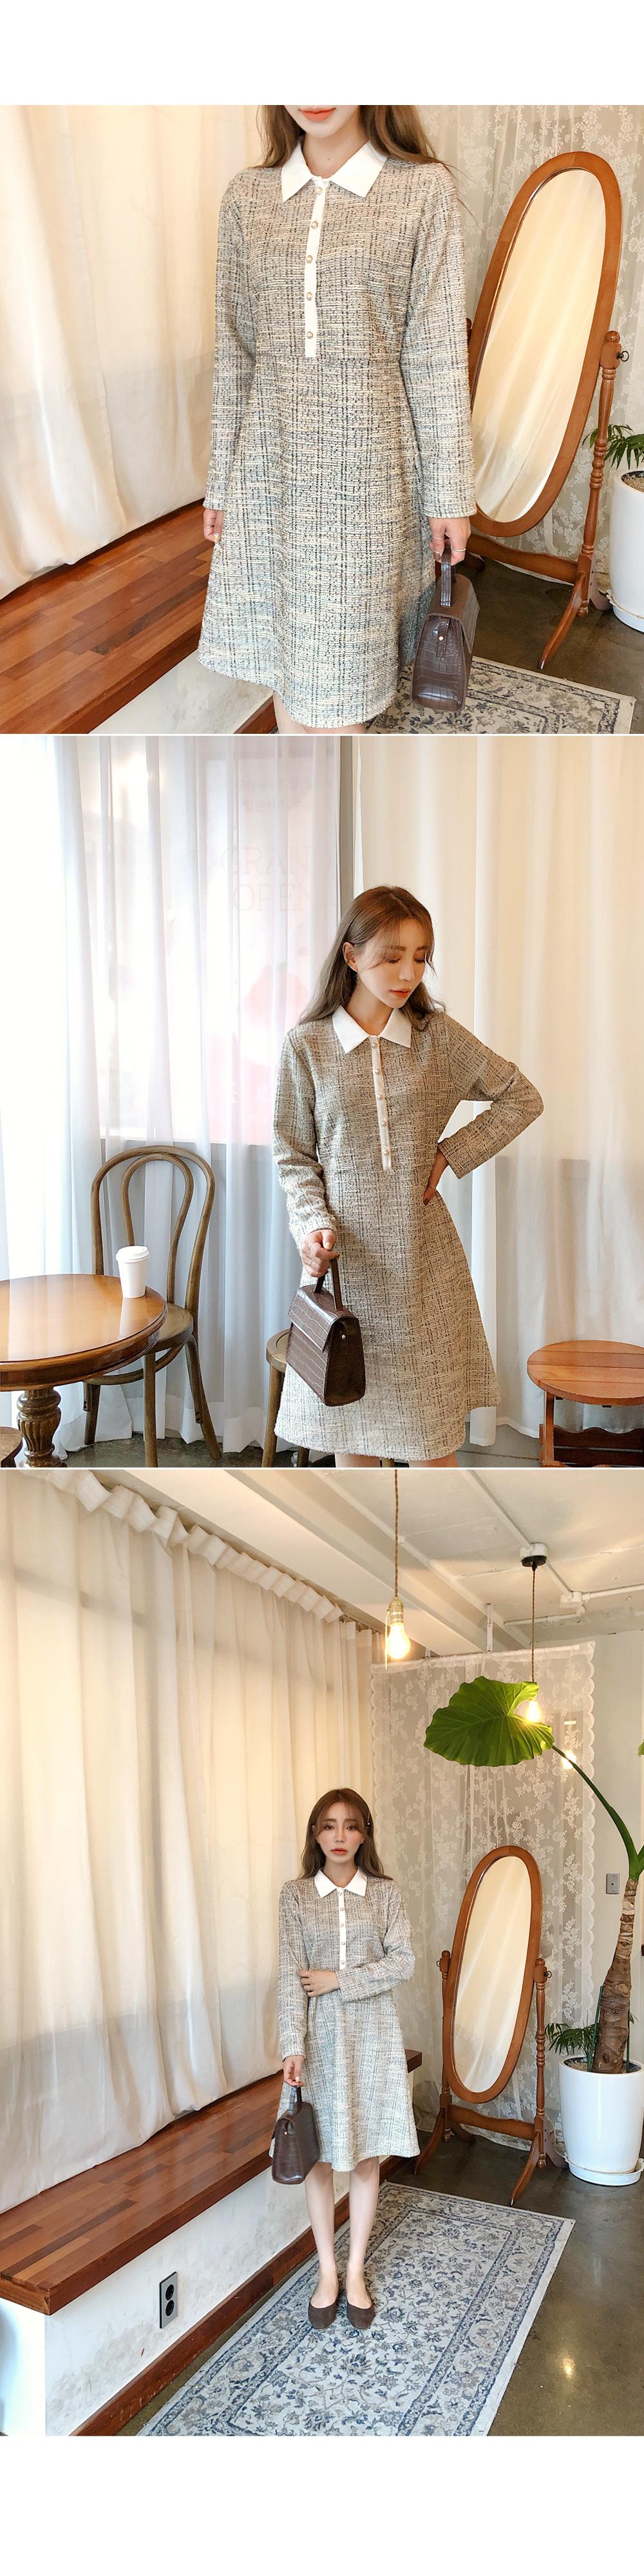 Pounding tweed dress